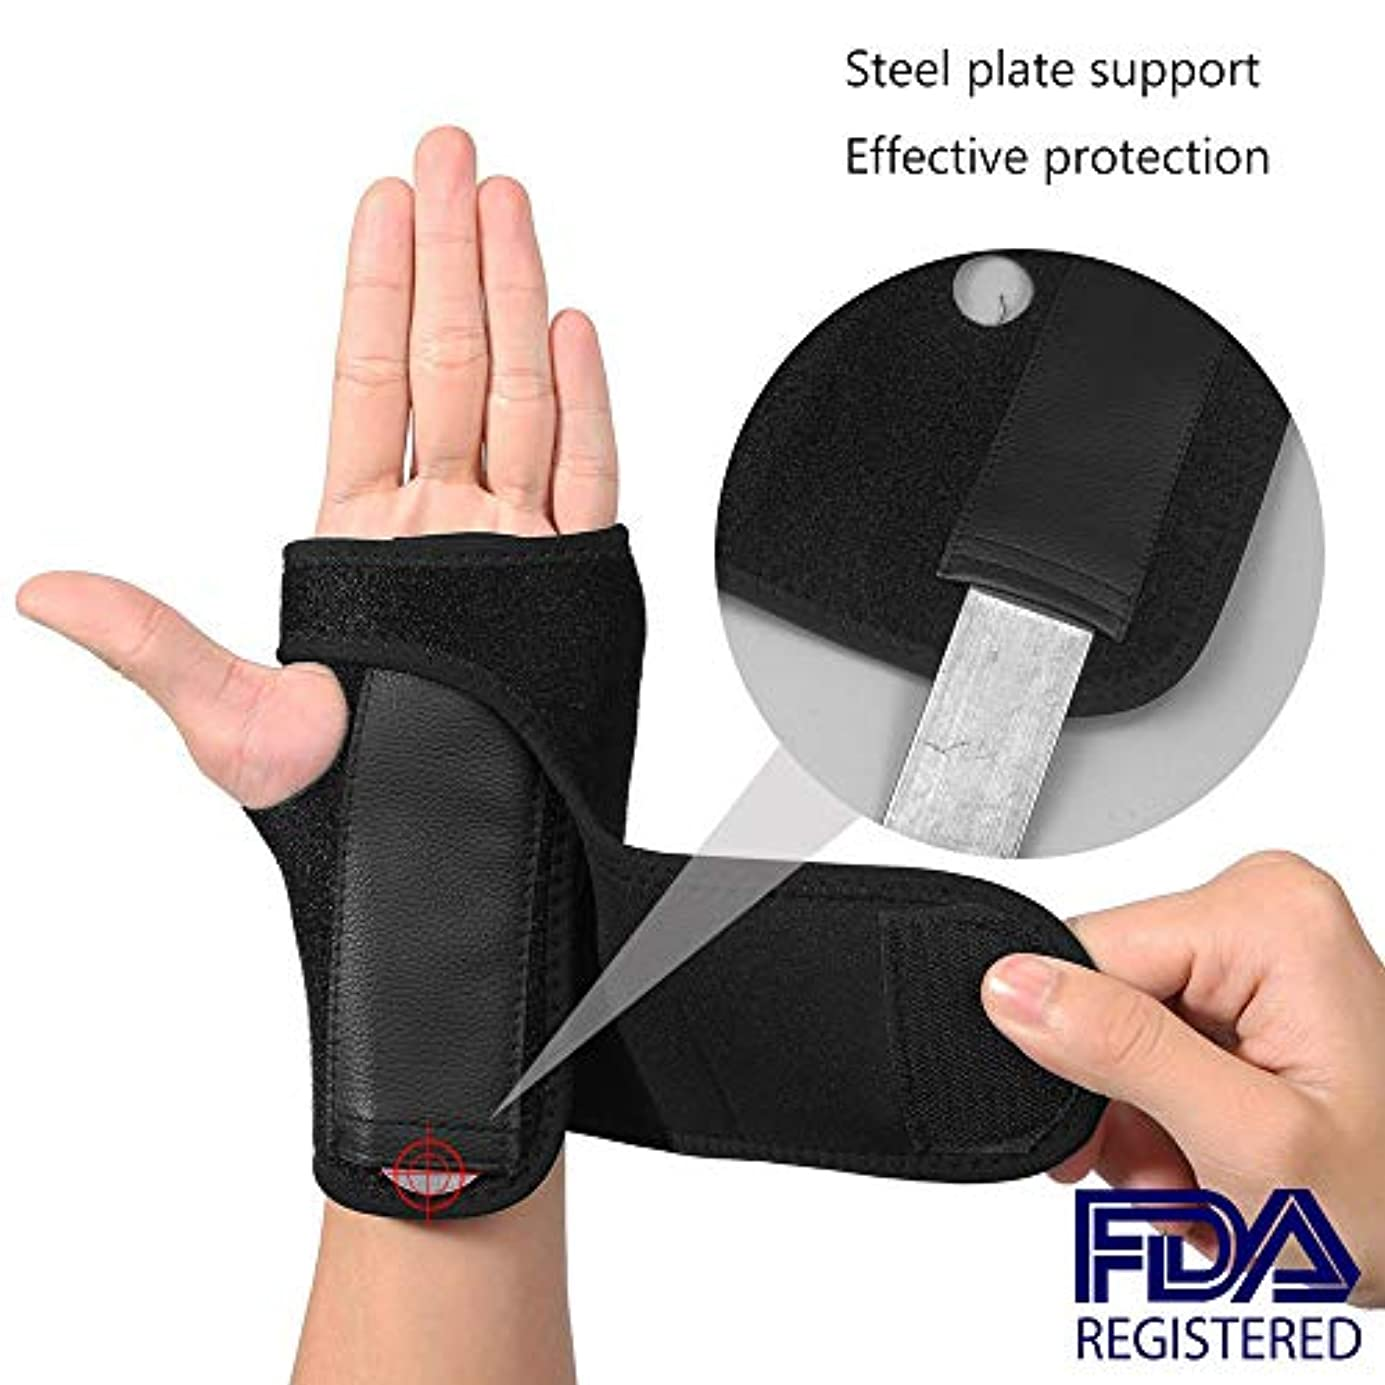 不変ホイッスルバインドDe Quervainの腱鞘炎、手根管痛、腱炎のためのスタビライザー、関節炎、捻挫、骨折前腕サポートキャスト